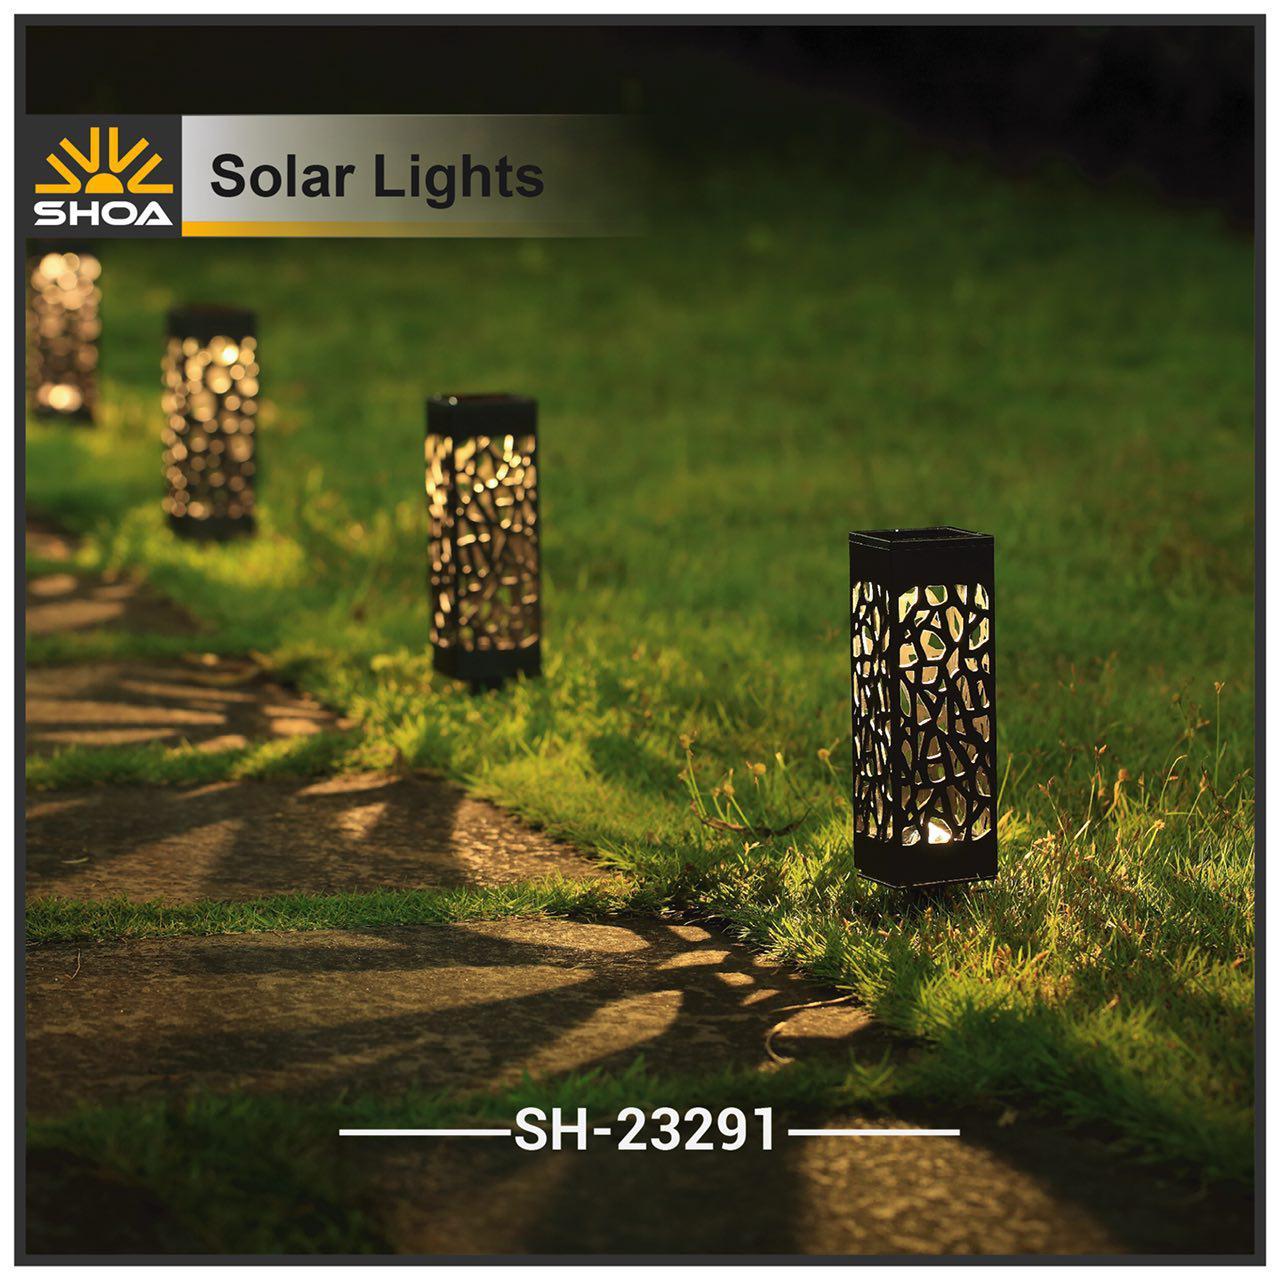 چراغ چمنی خورشیدی sh-23291 شعاع الکتریک